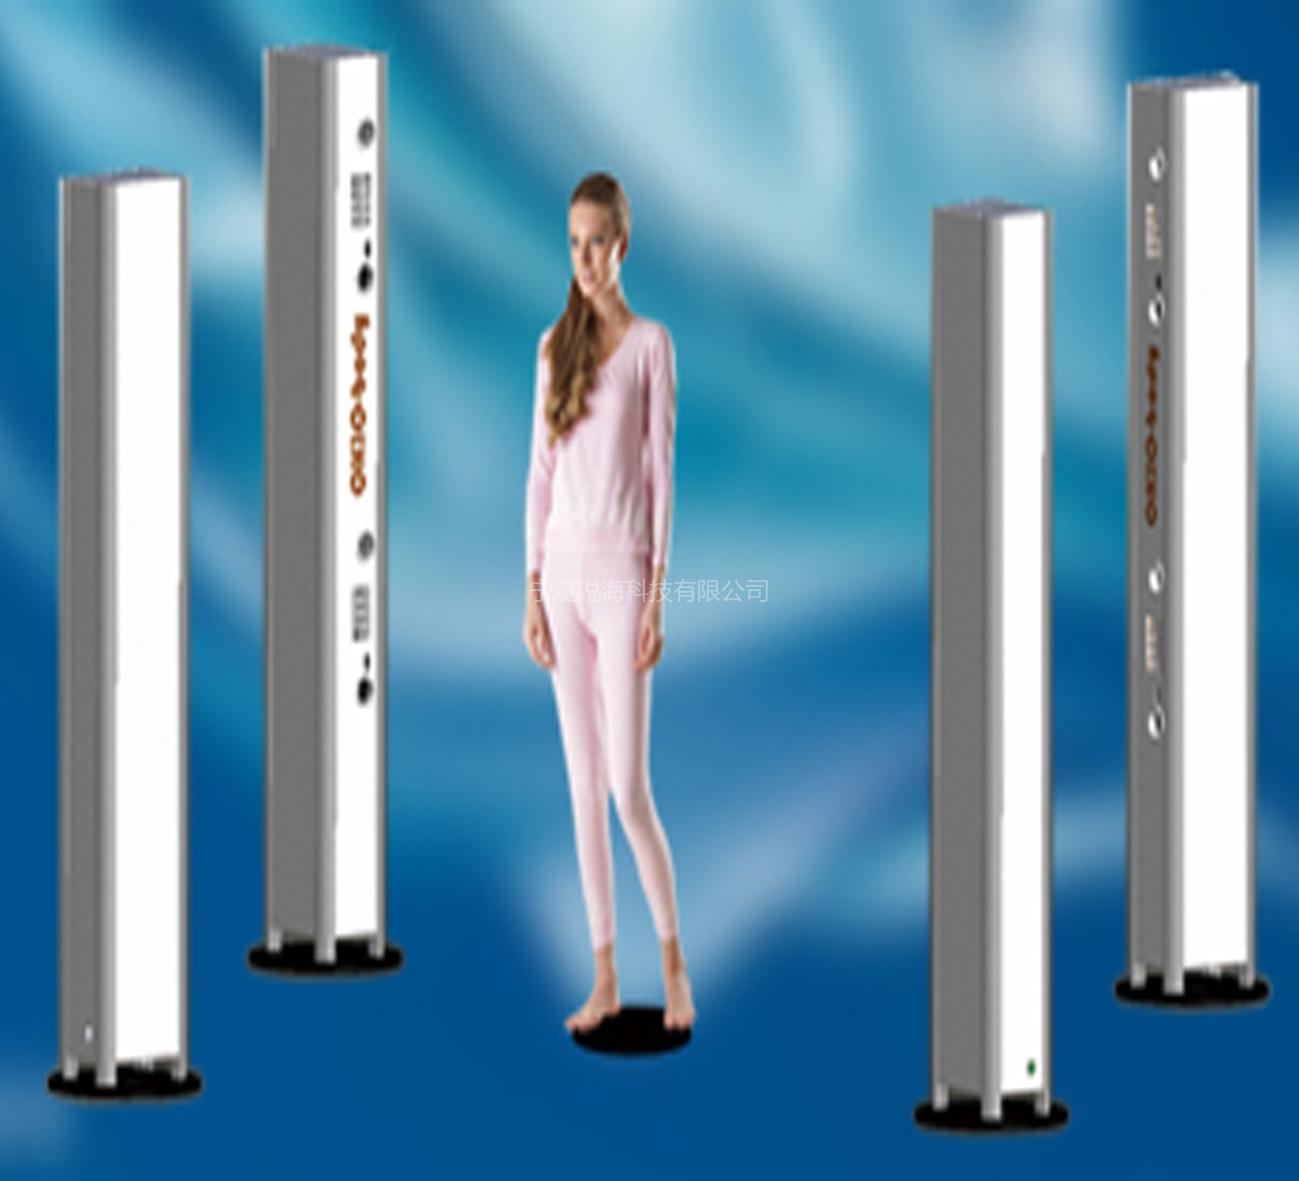 人体三维激光扫描仪OKIO-BodyScan系列.jpg